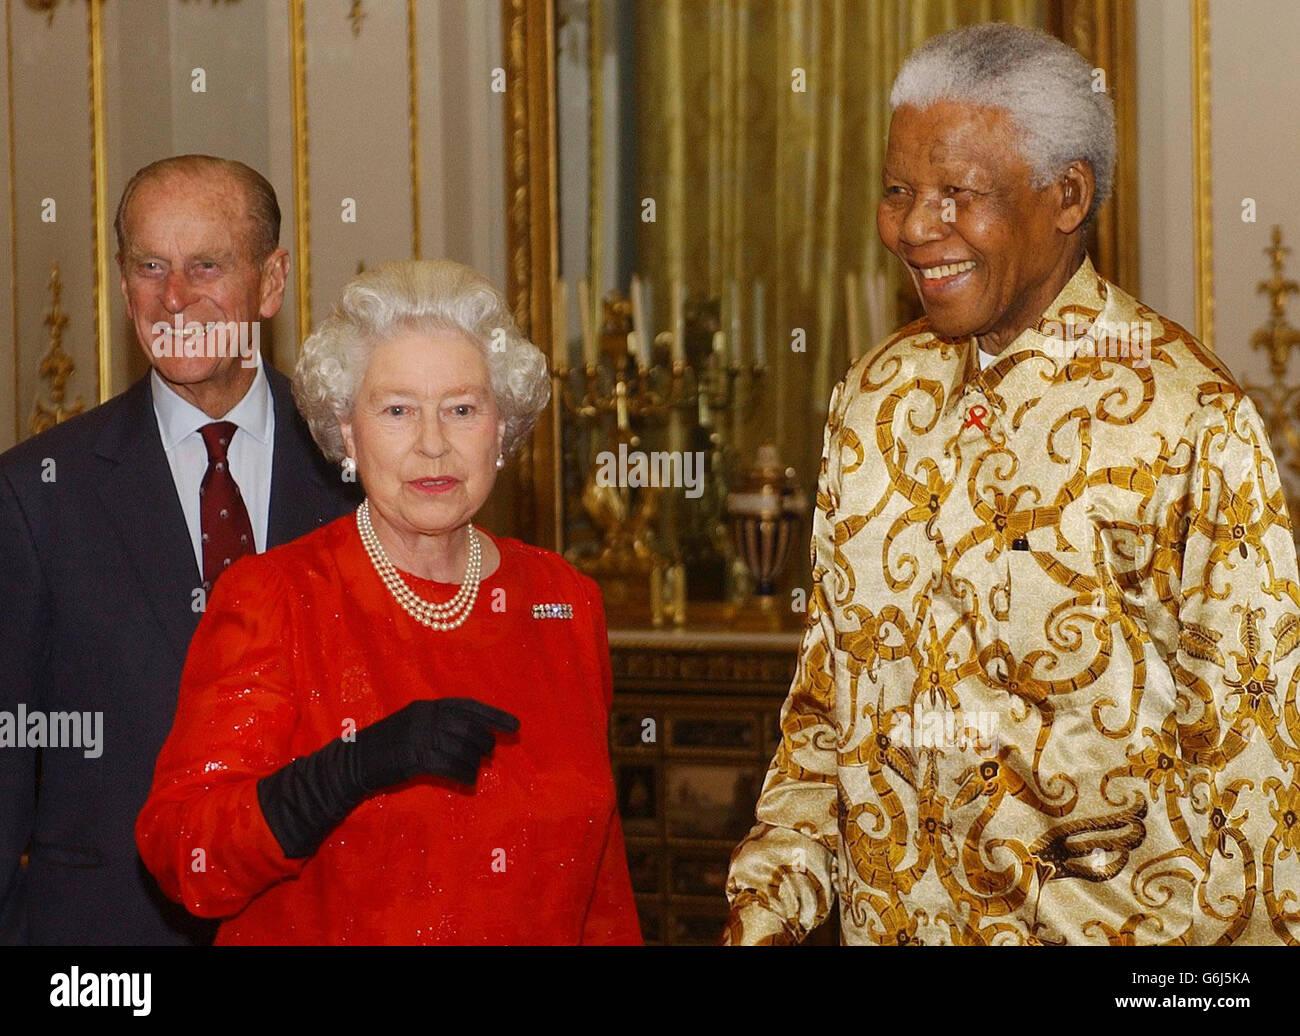 Queen Elizabeth II meets Nelson Mandela - Stock Image